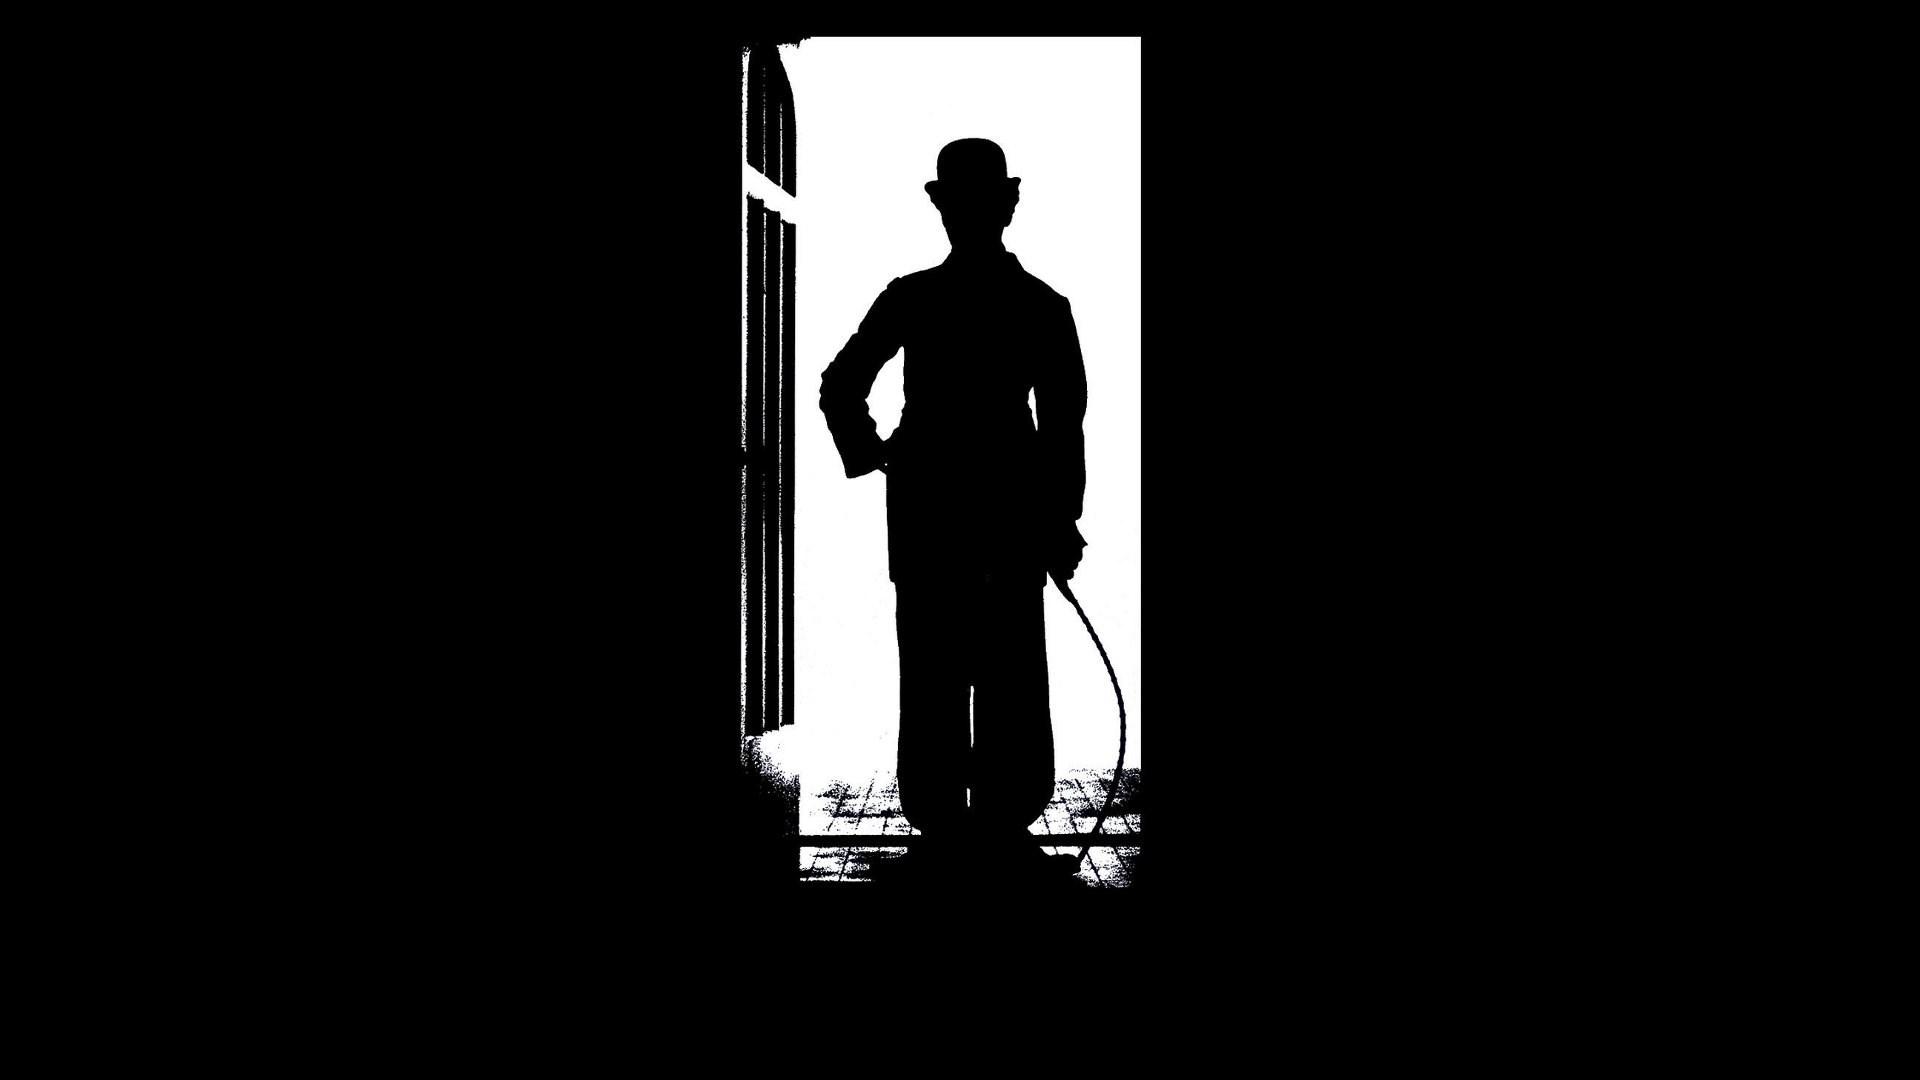 Charlie Chaplin Wallpaper 12   1920 X 1080 stmednet 1920x1080